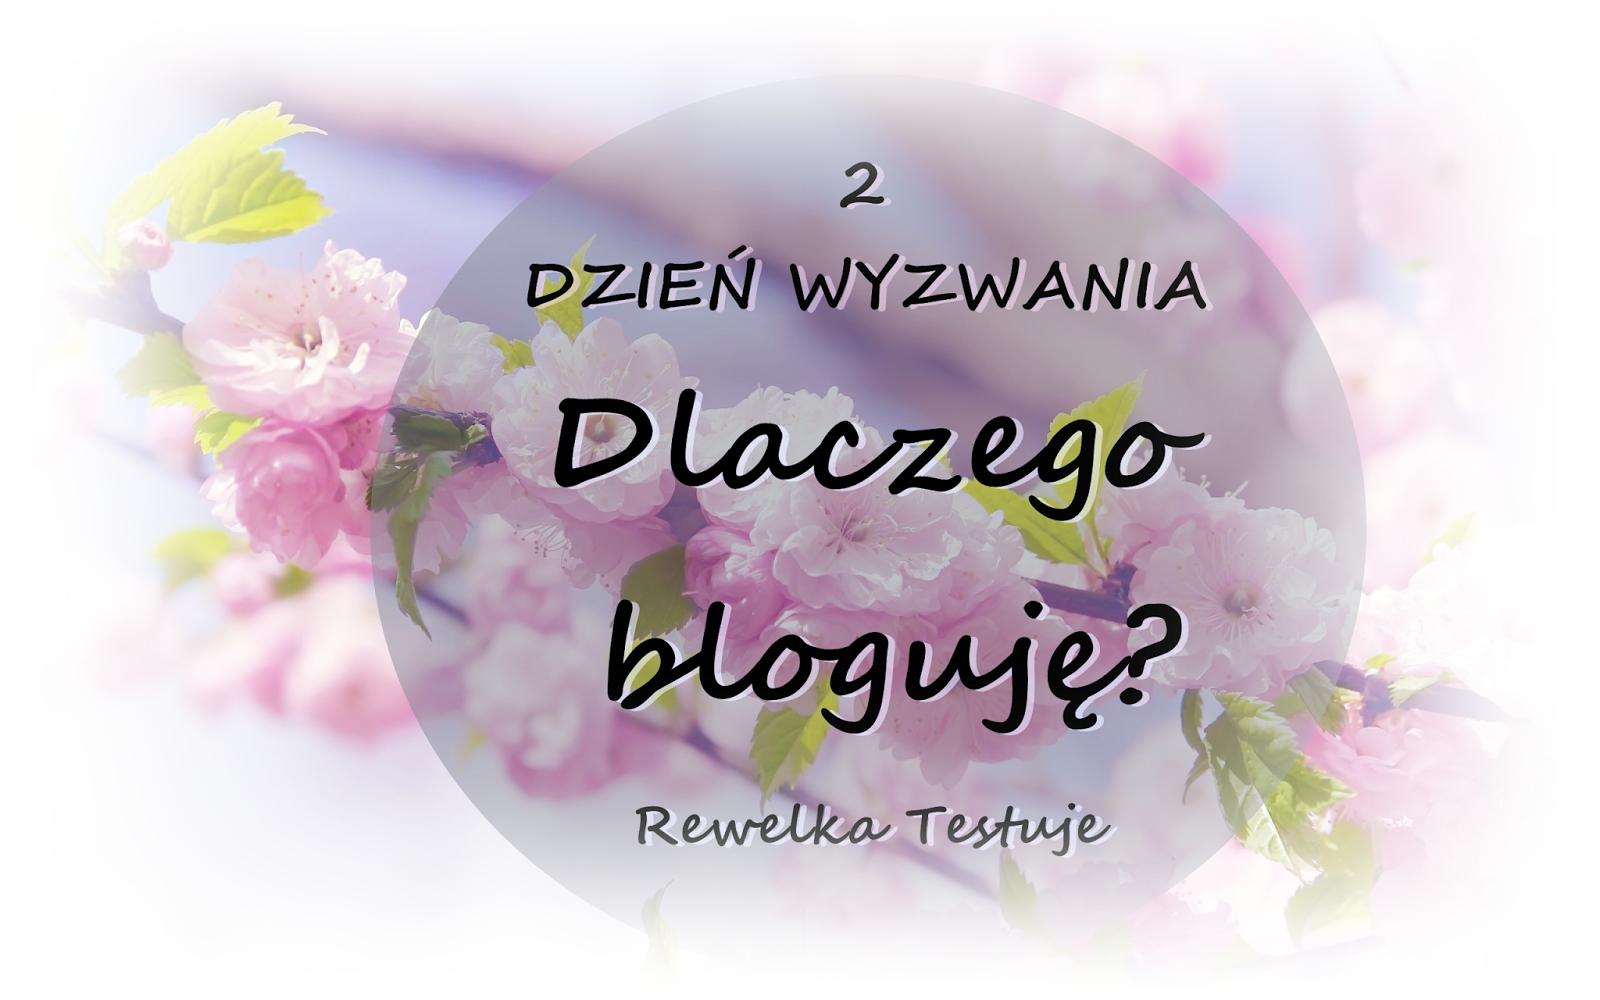 Dlaczego bloguję? - wyzwanie blogowe dzień 2